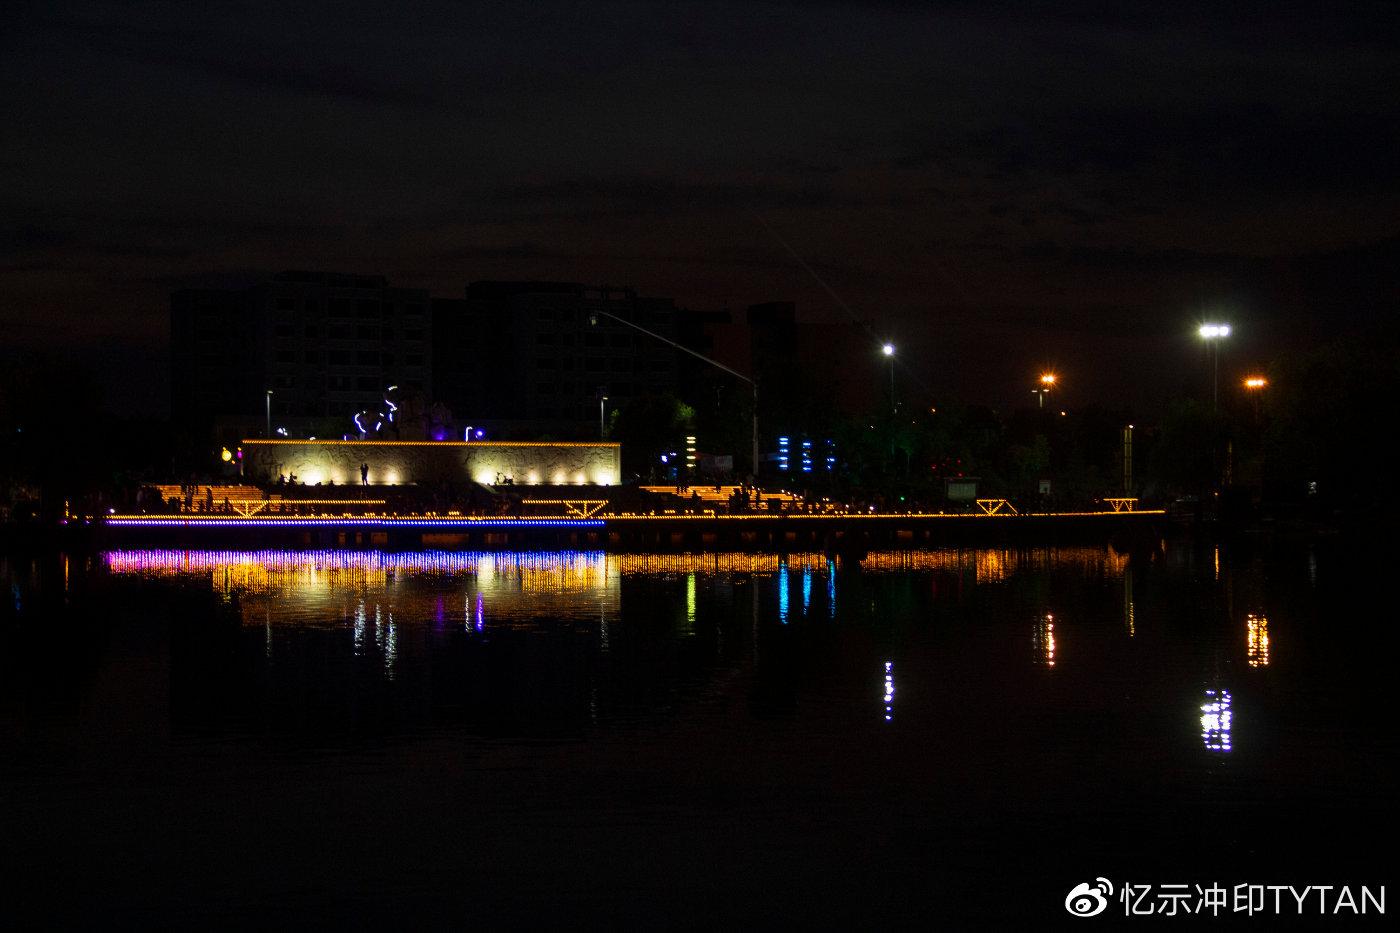 河津 莲池公园 专辑 夜景